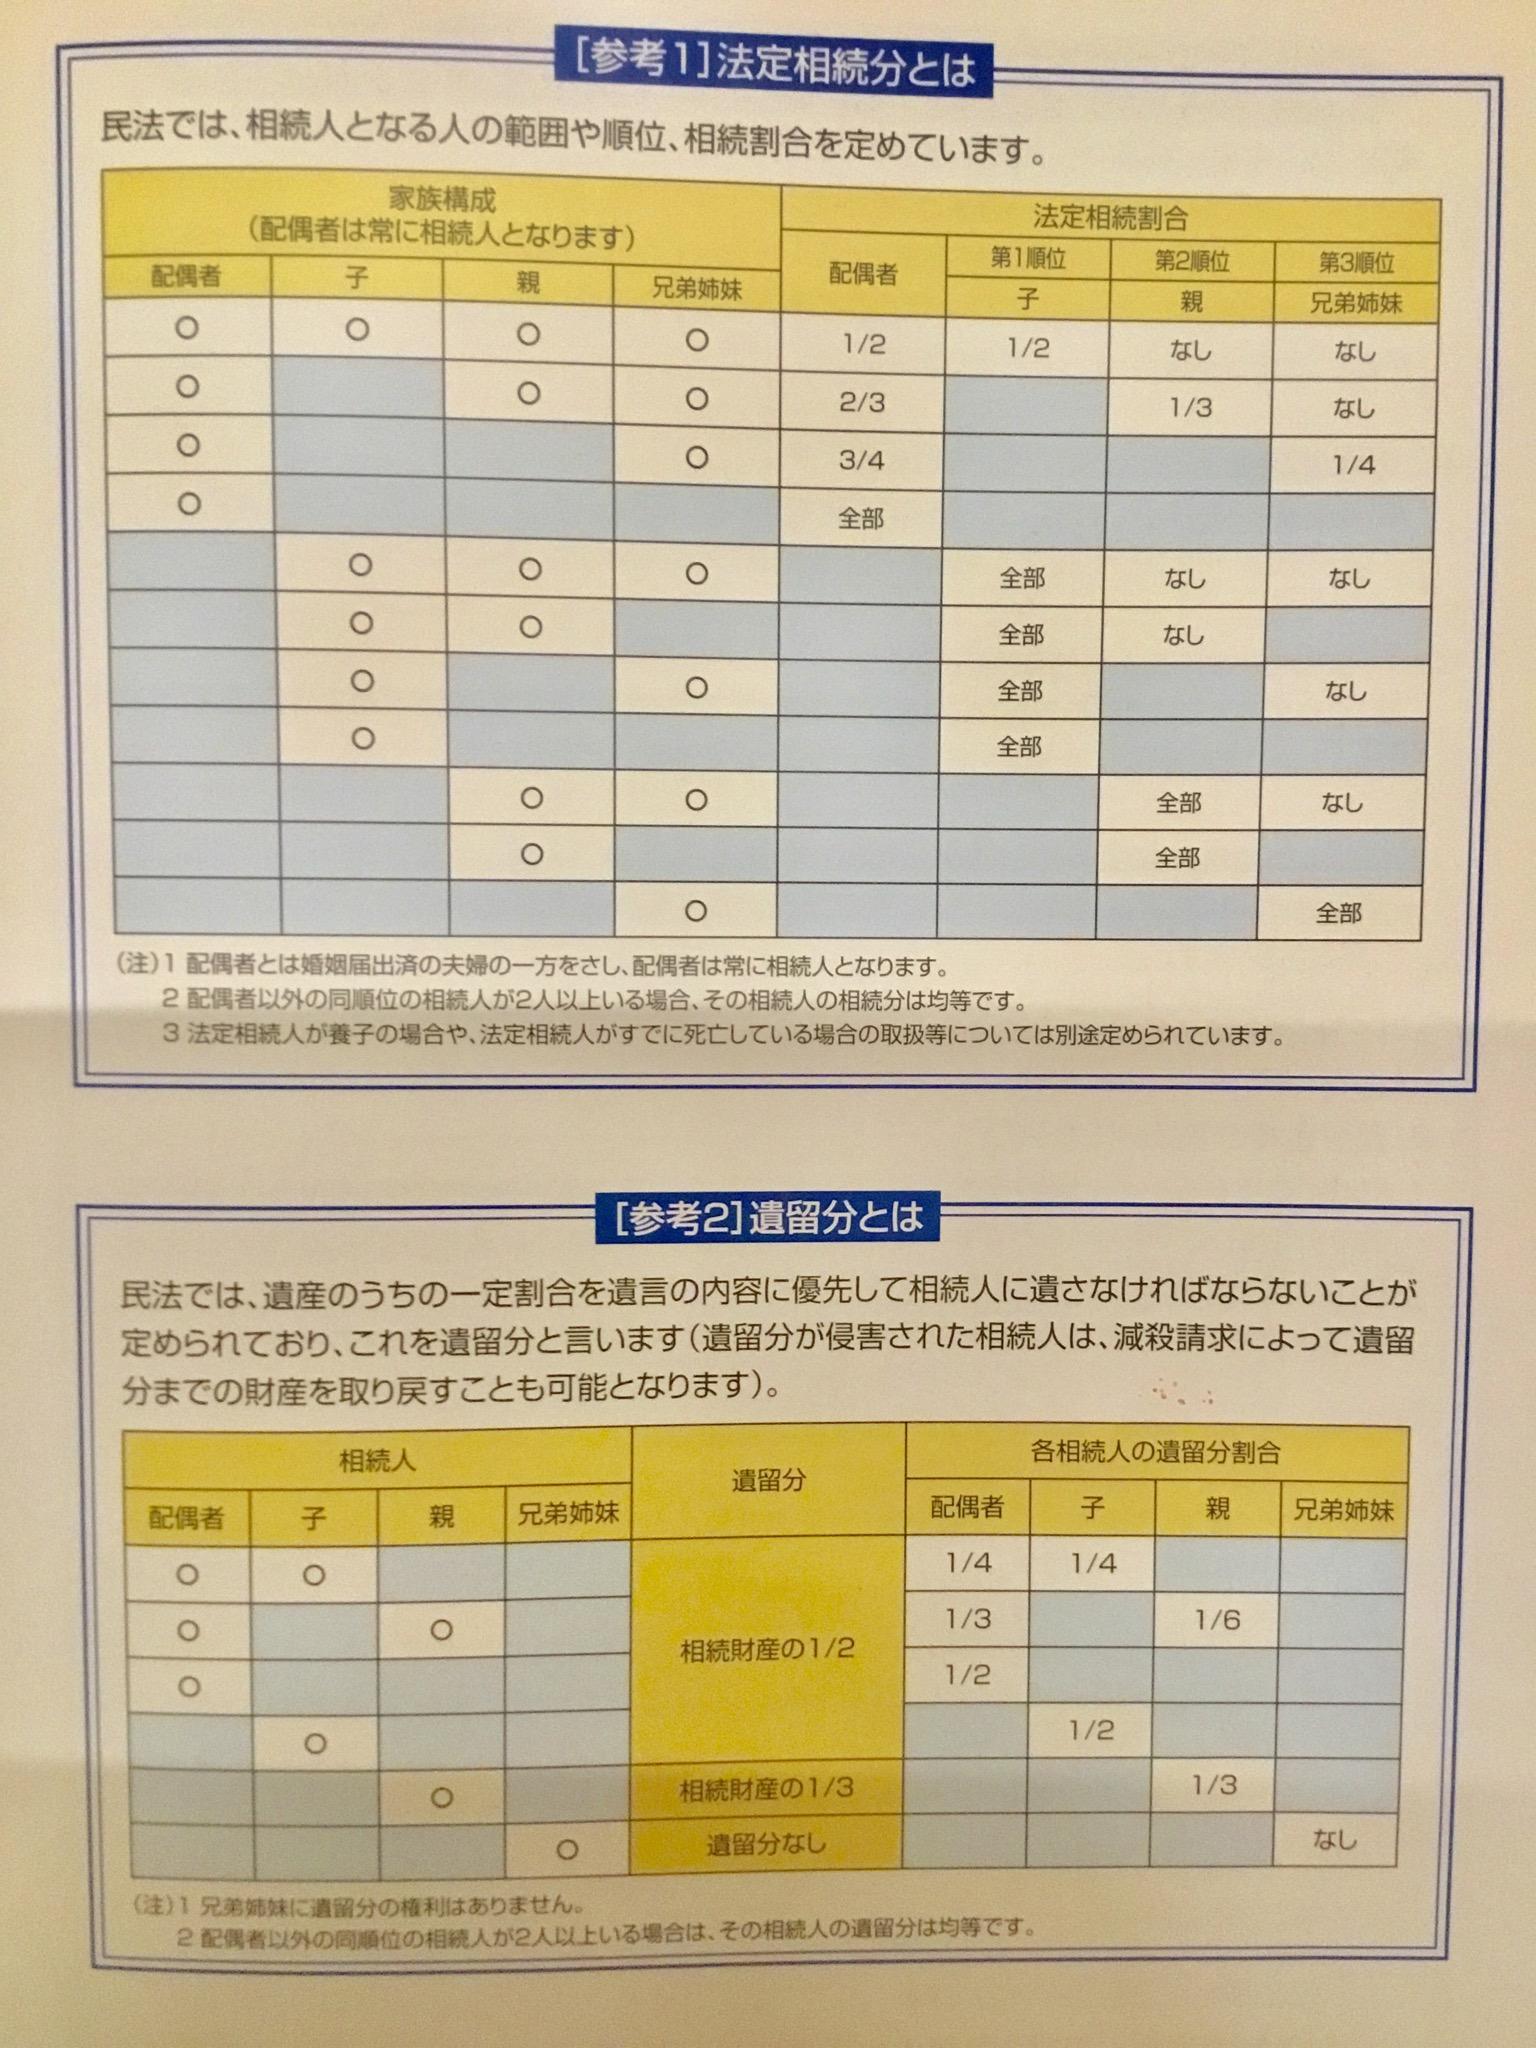 3D66D5B4-A902-49F4-B6AE-BDF9D2F85B0F